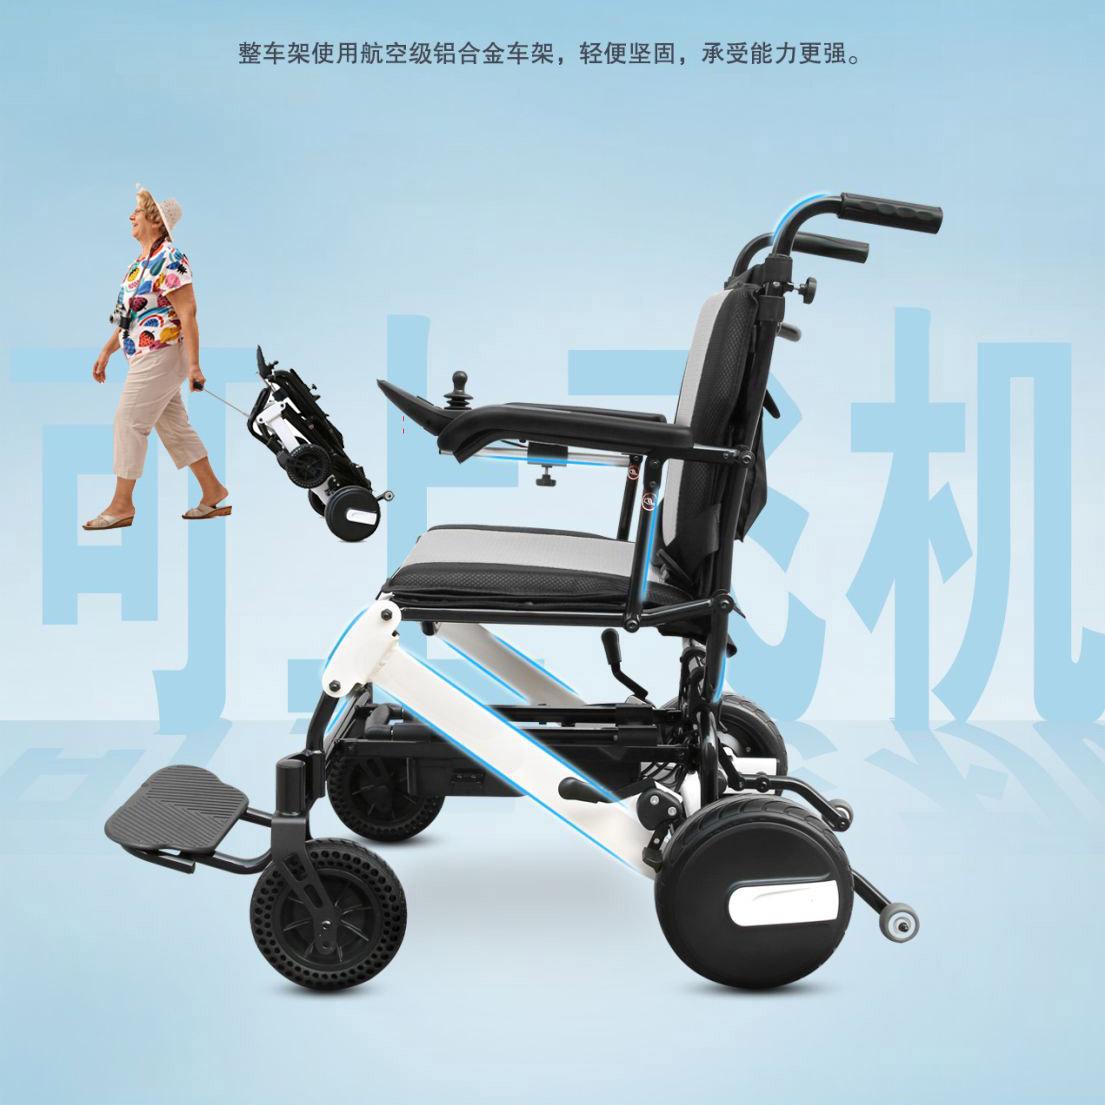 达洋DY106电动轮椅-达洋DY106便携式折叠电动轮椅车